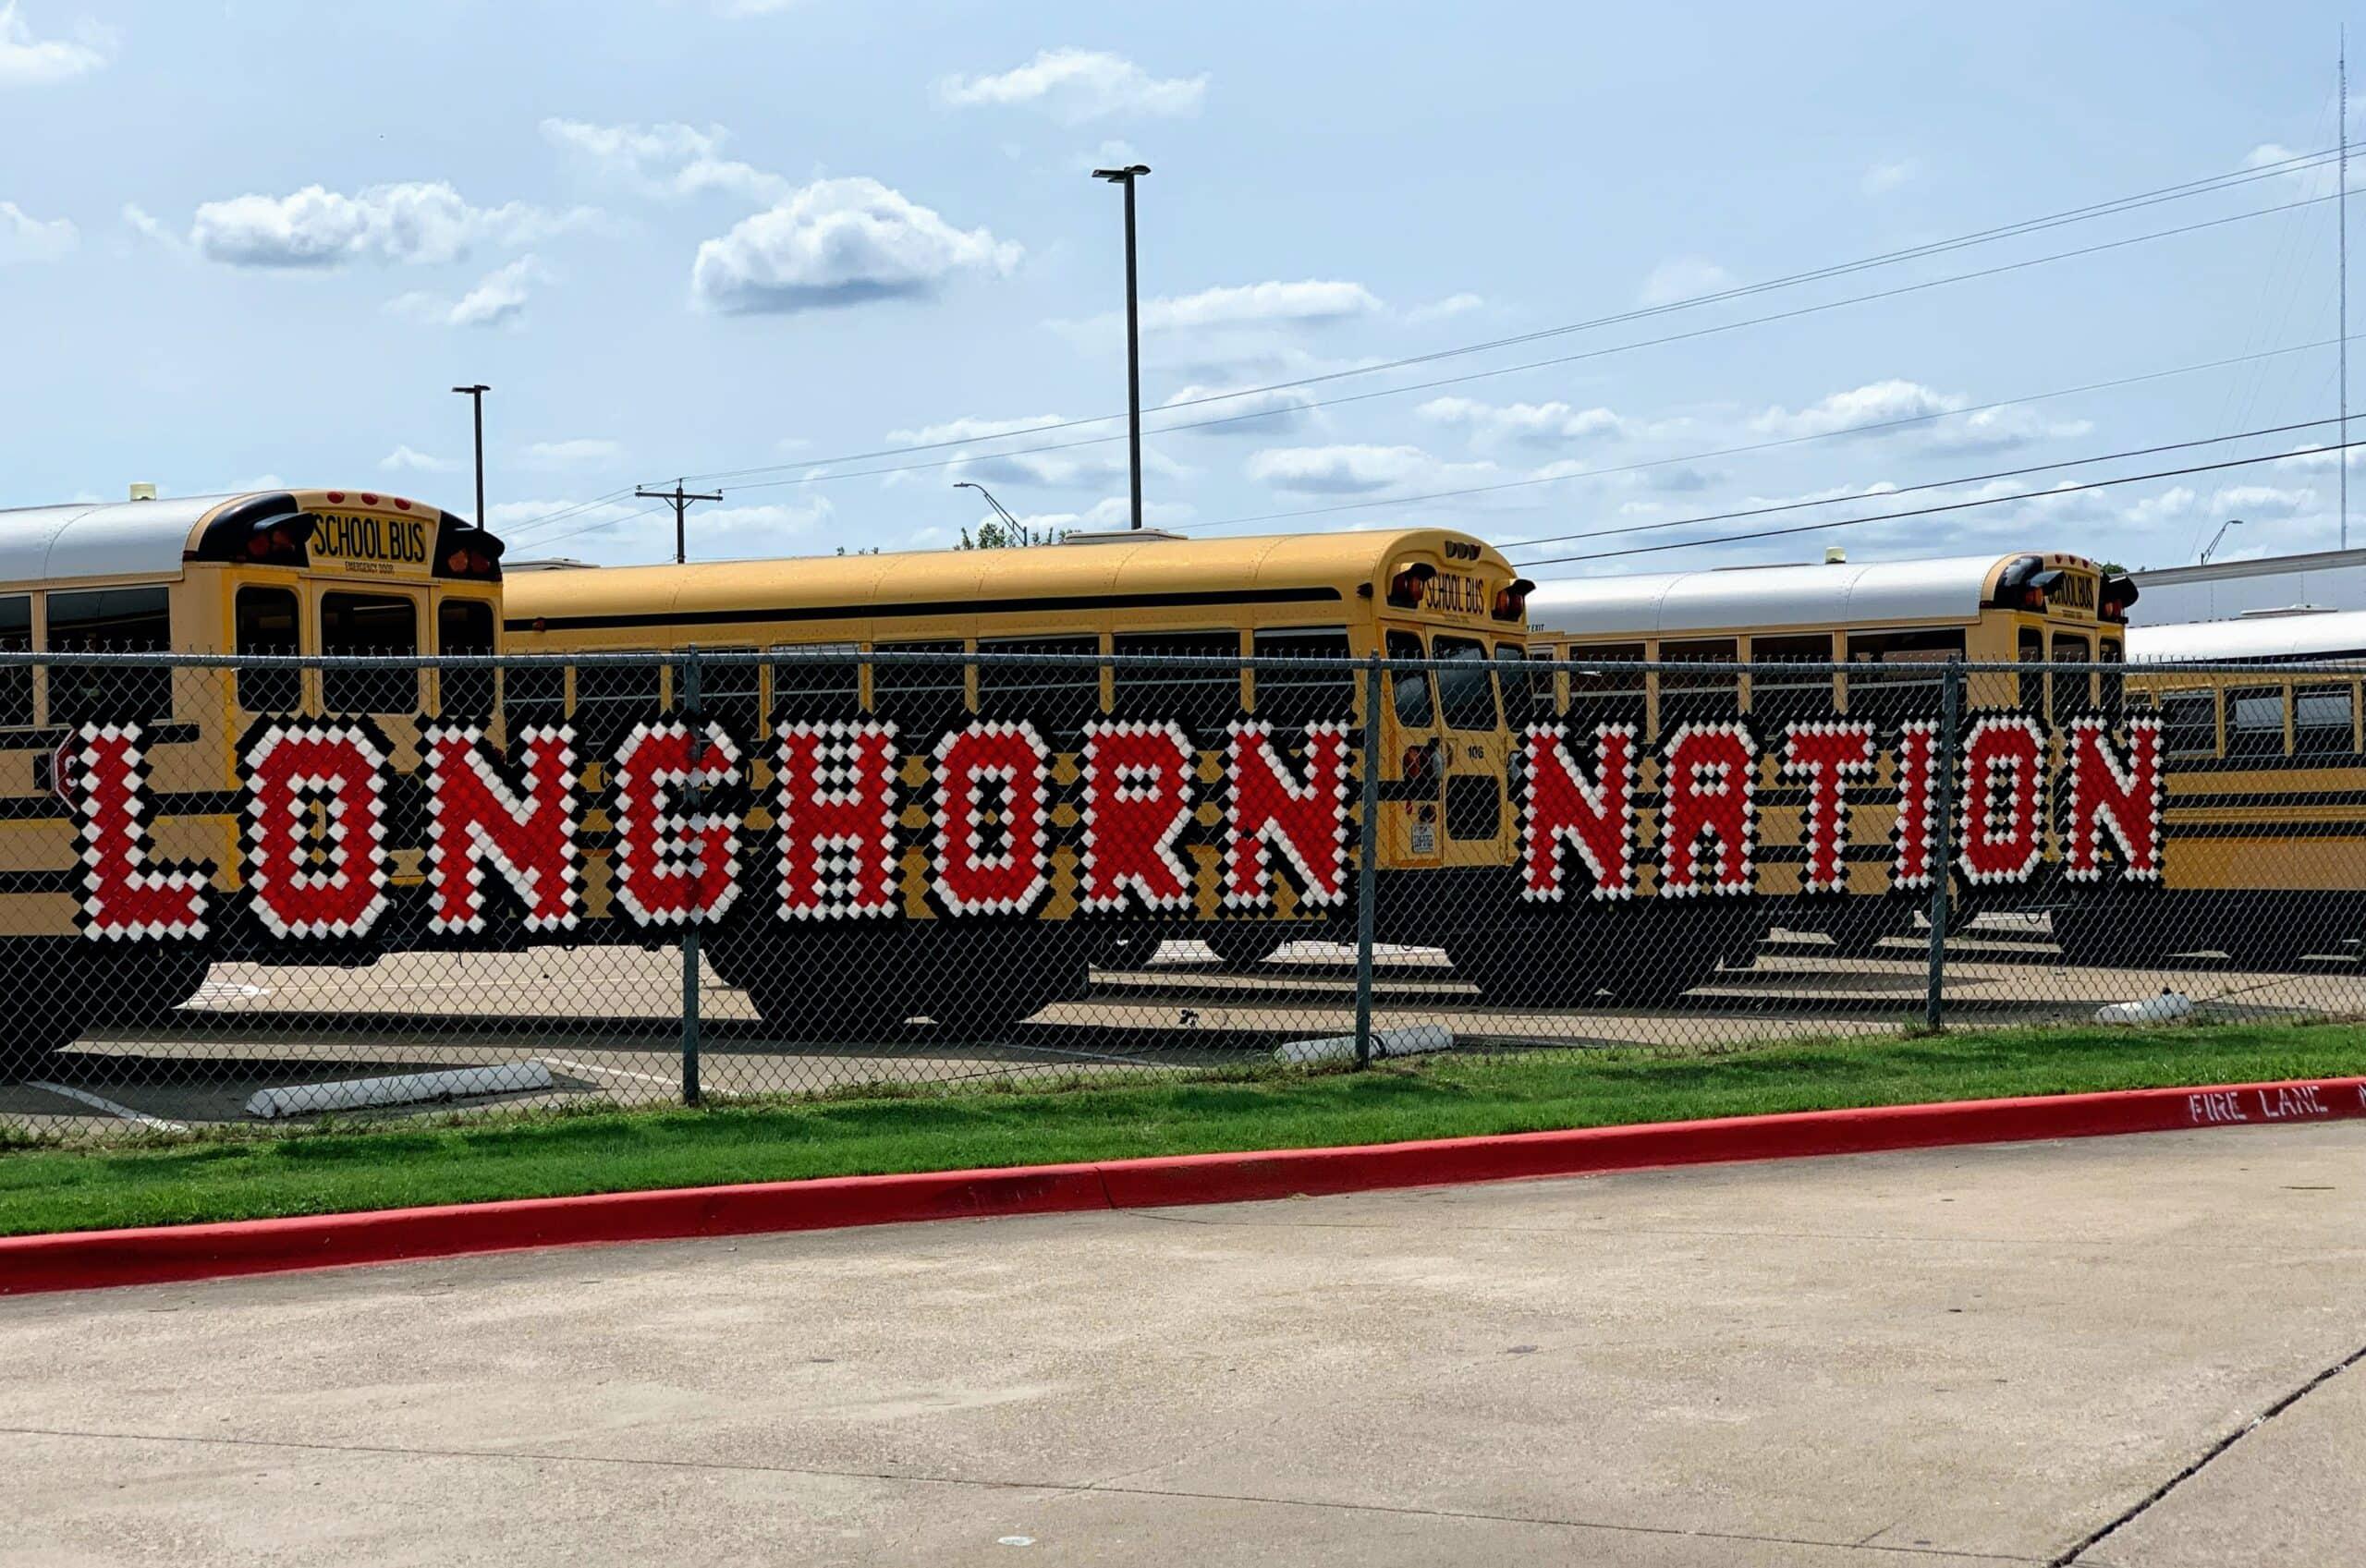 longhorn nation